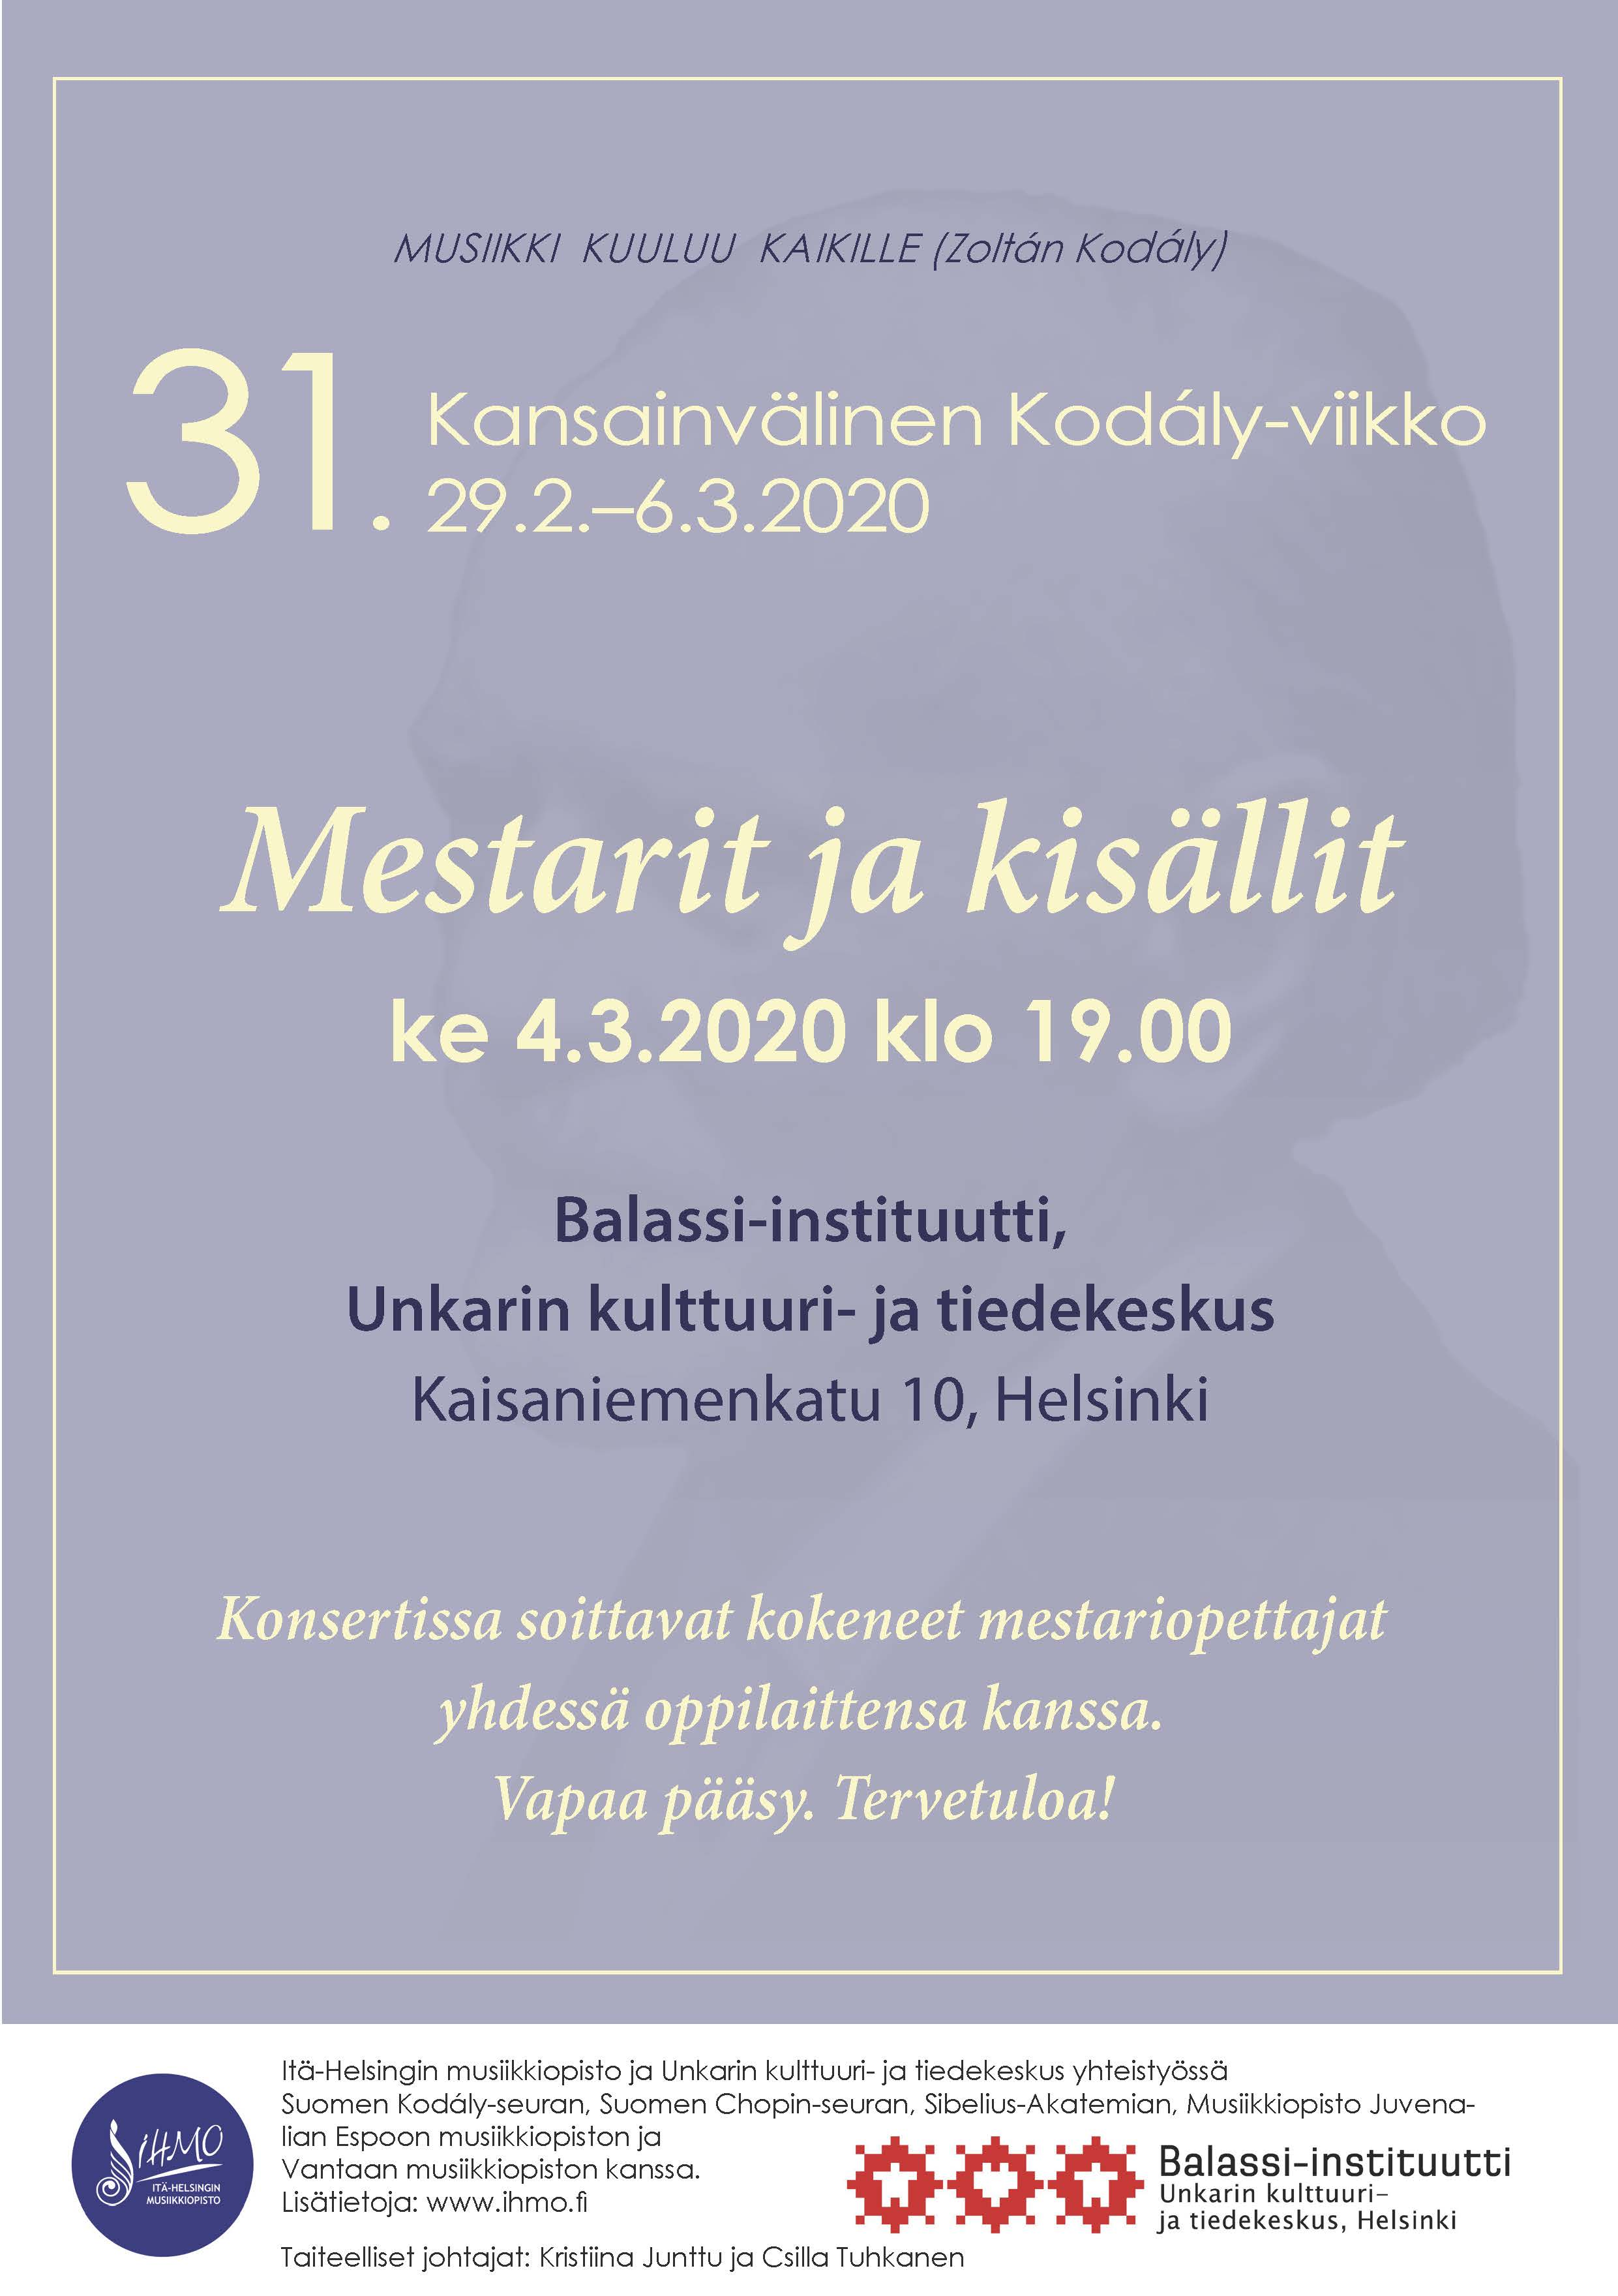 990500032-Kodaly-viikko2020_MestaritKisällit.jpg